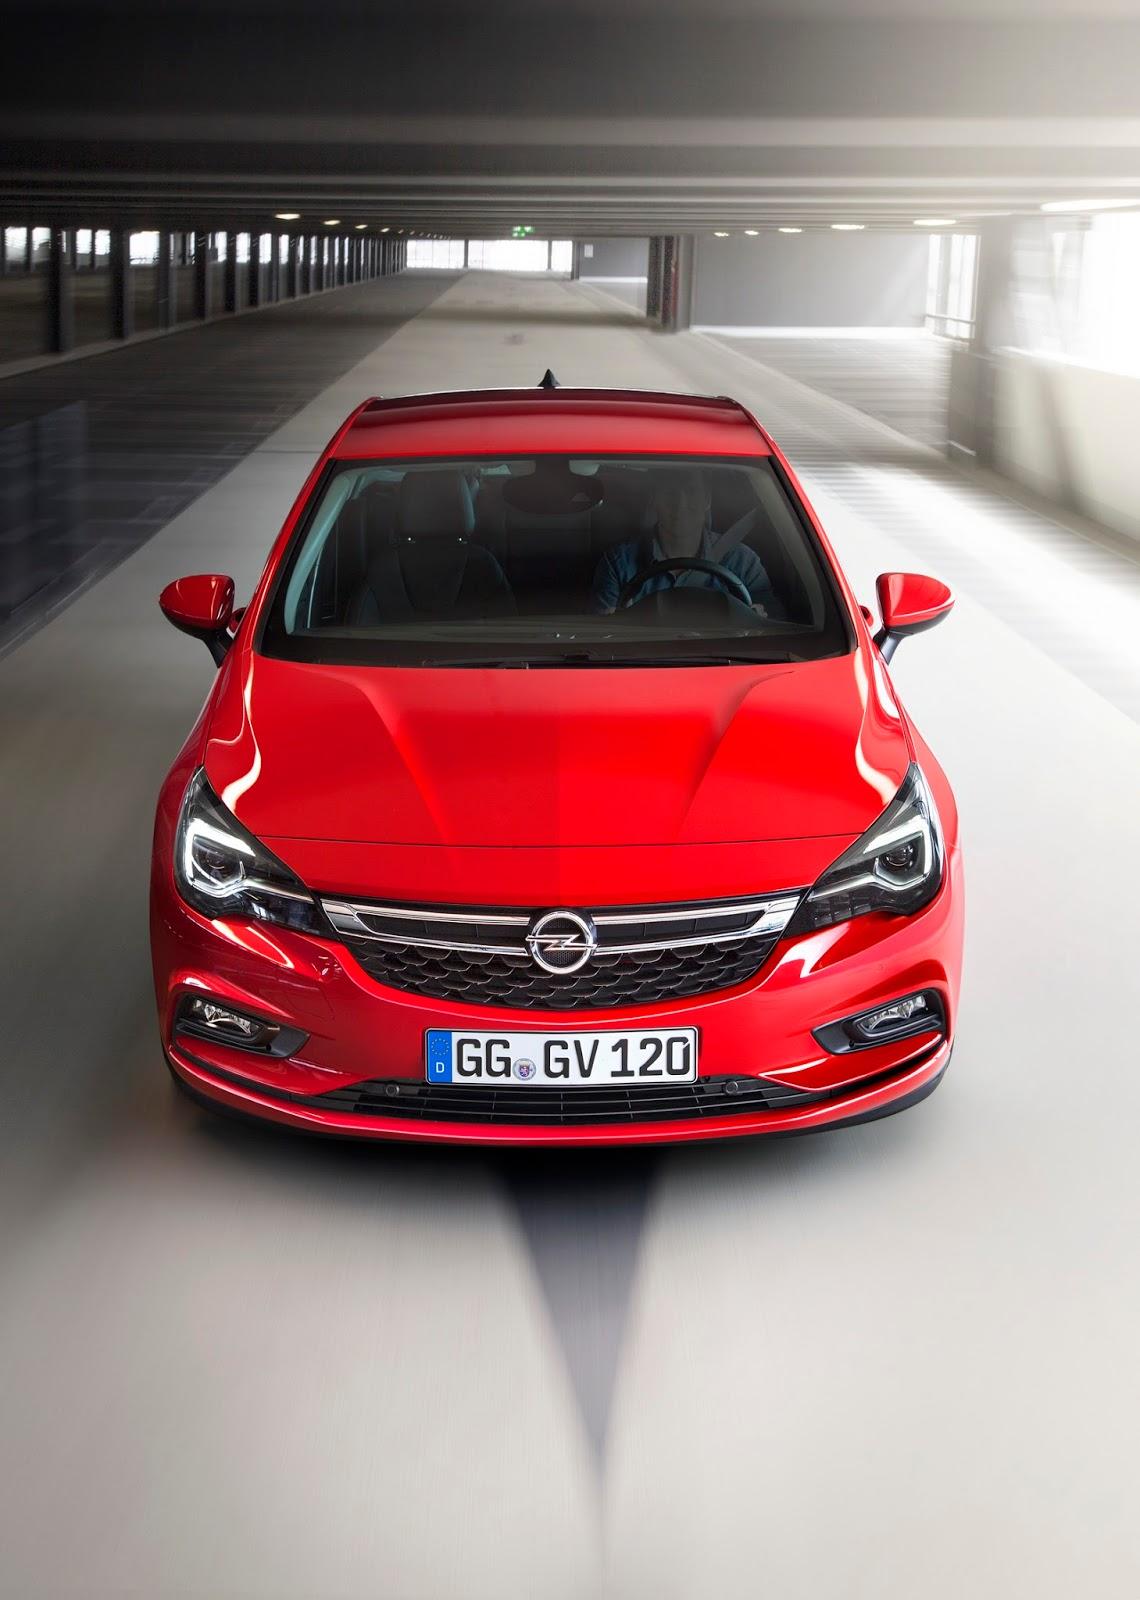 Hd Wallpaper For Android Mobile Karşınızda 2015 Yeni Kasa Opel Astra K Ve 214 Zellikleri